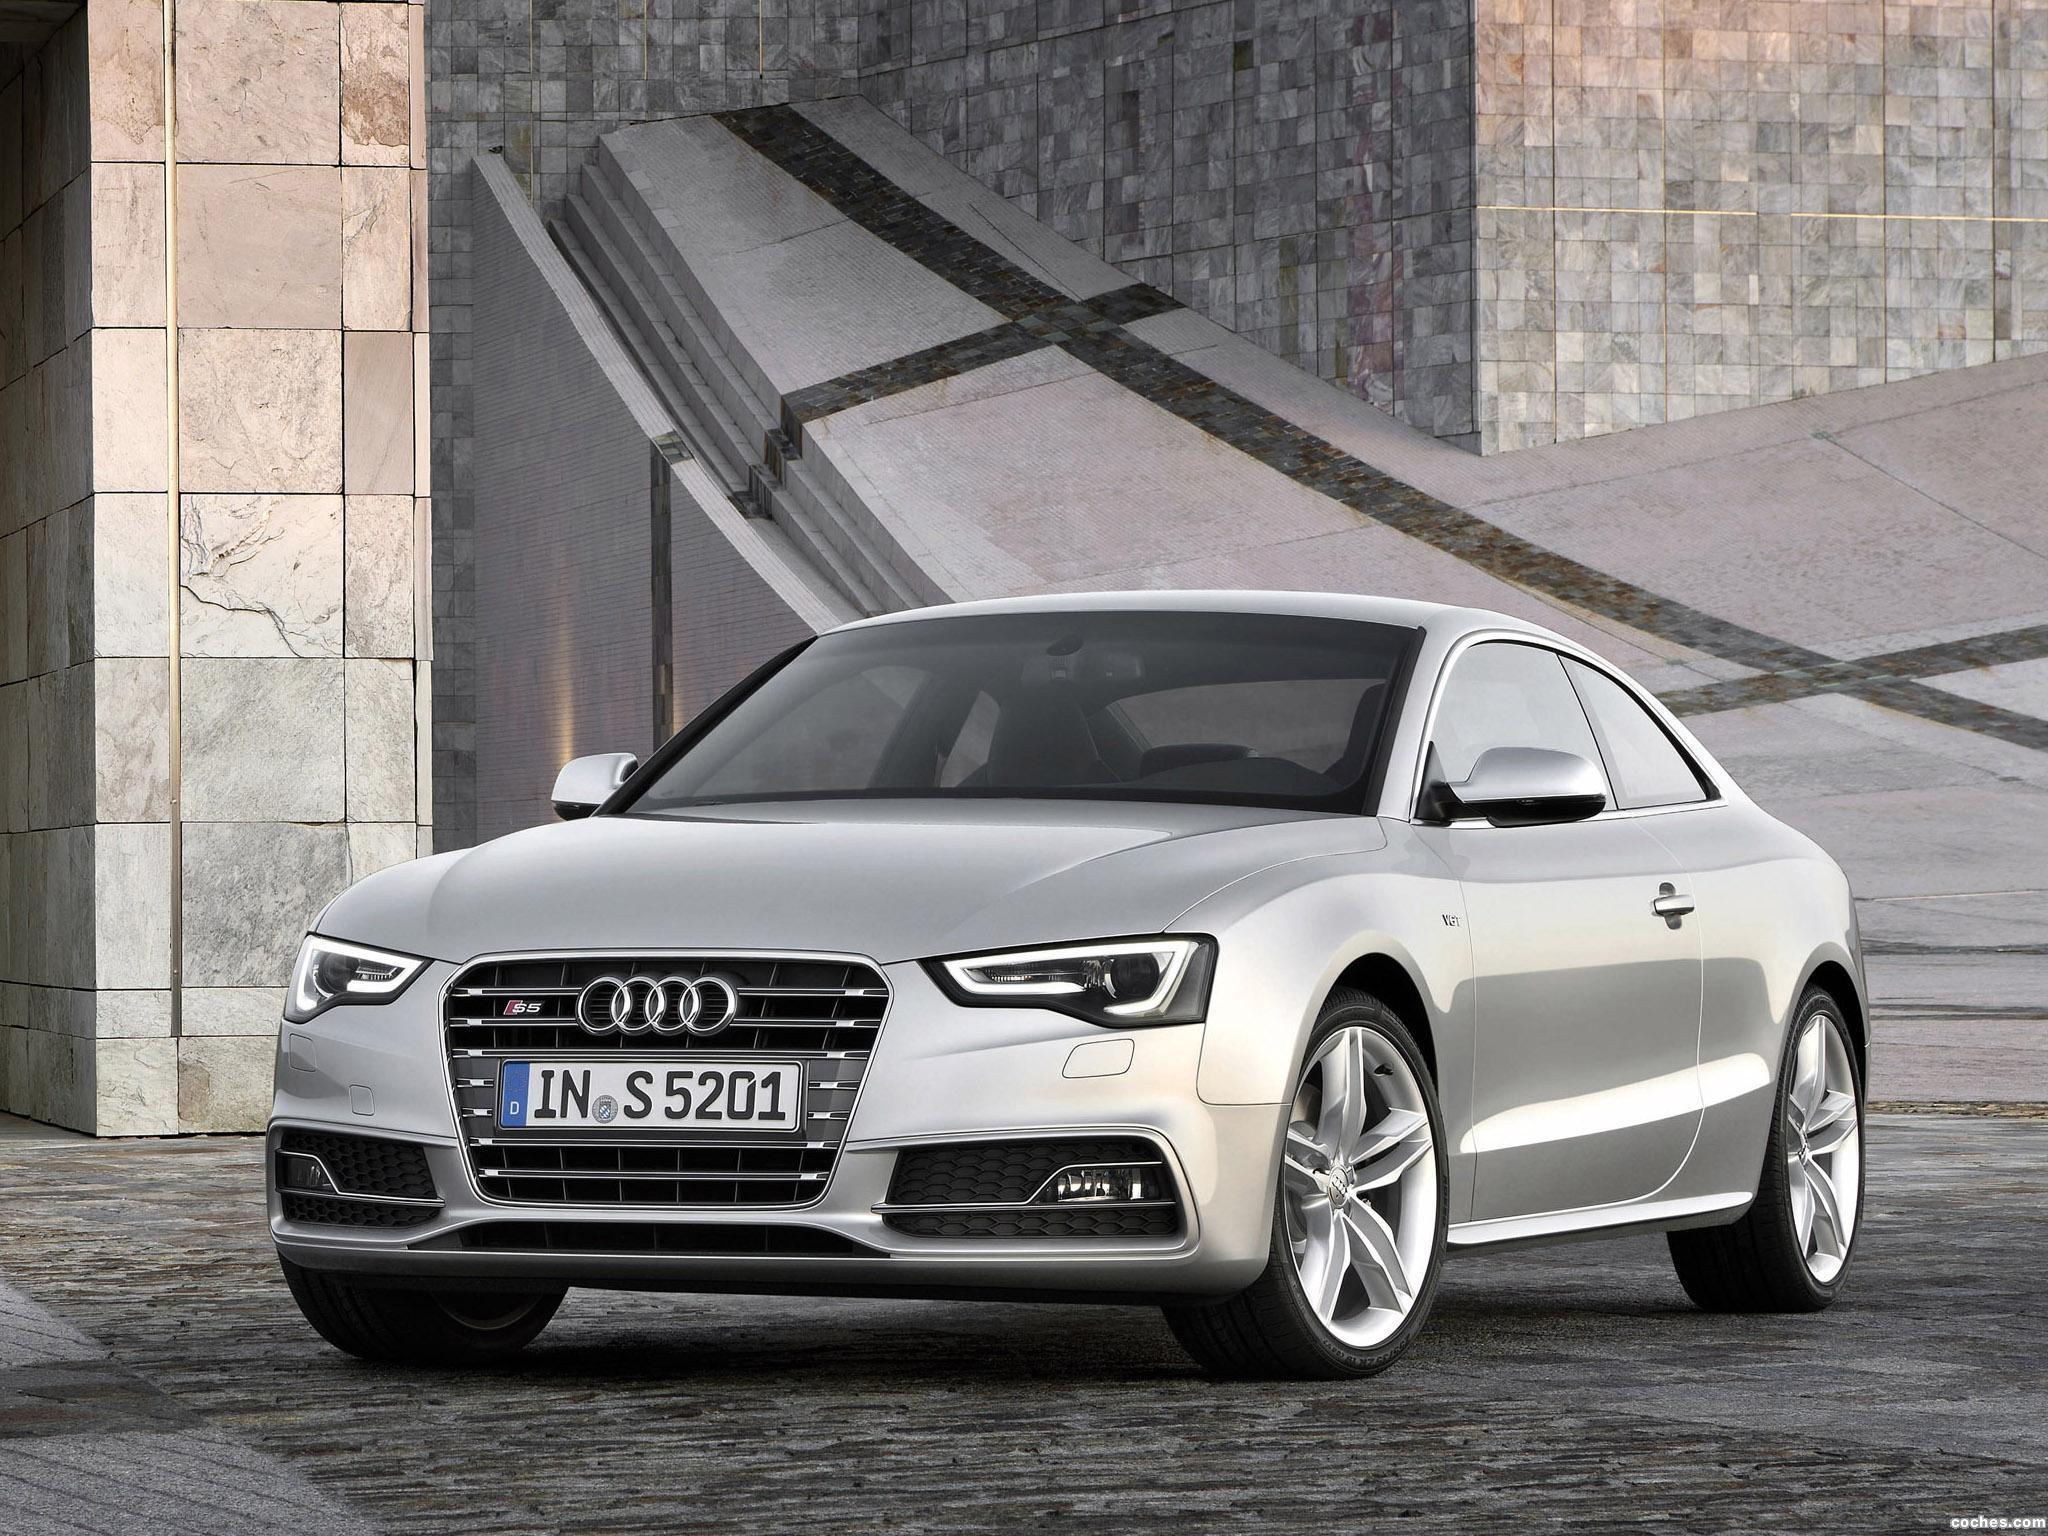 Foto 10 de Audi S5 Coupe 2011